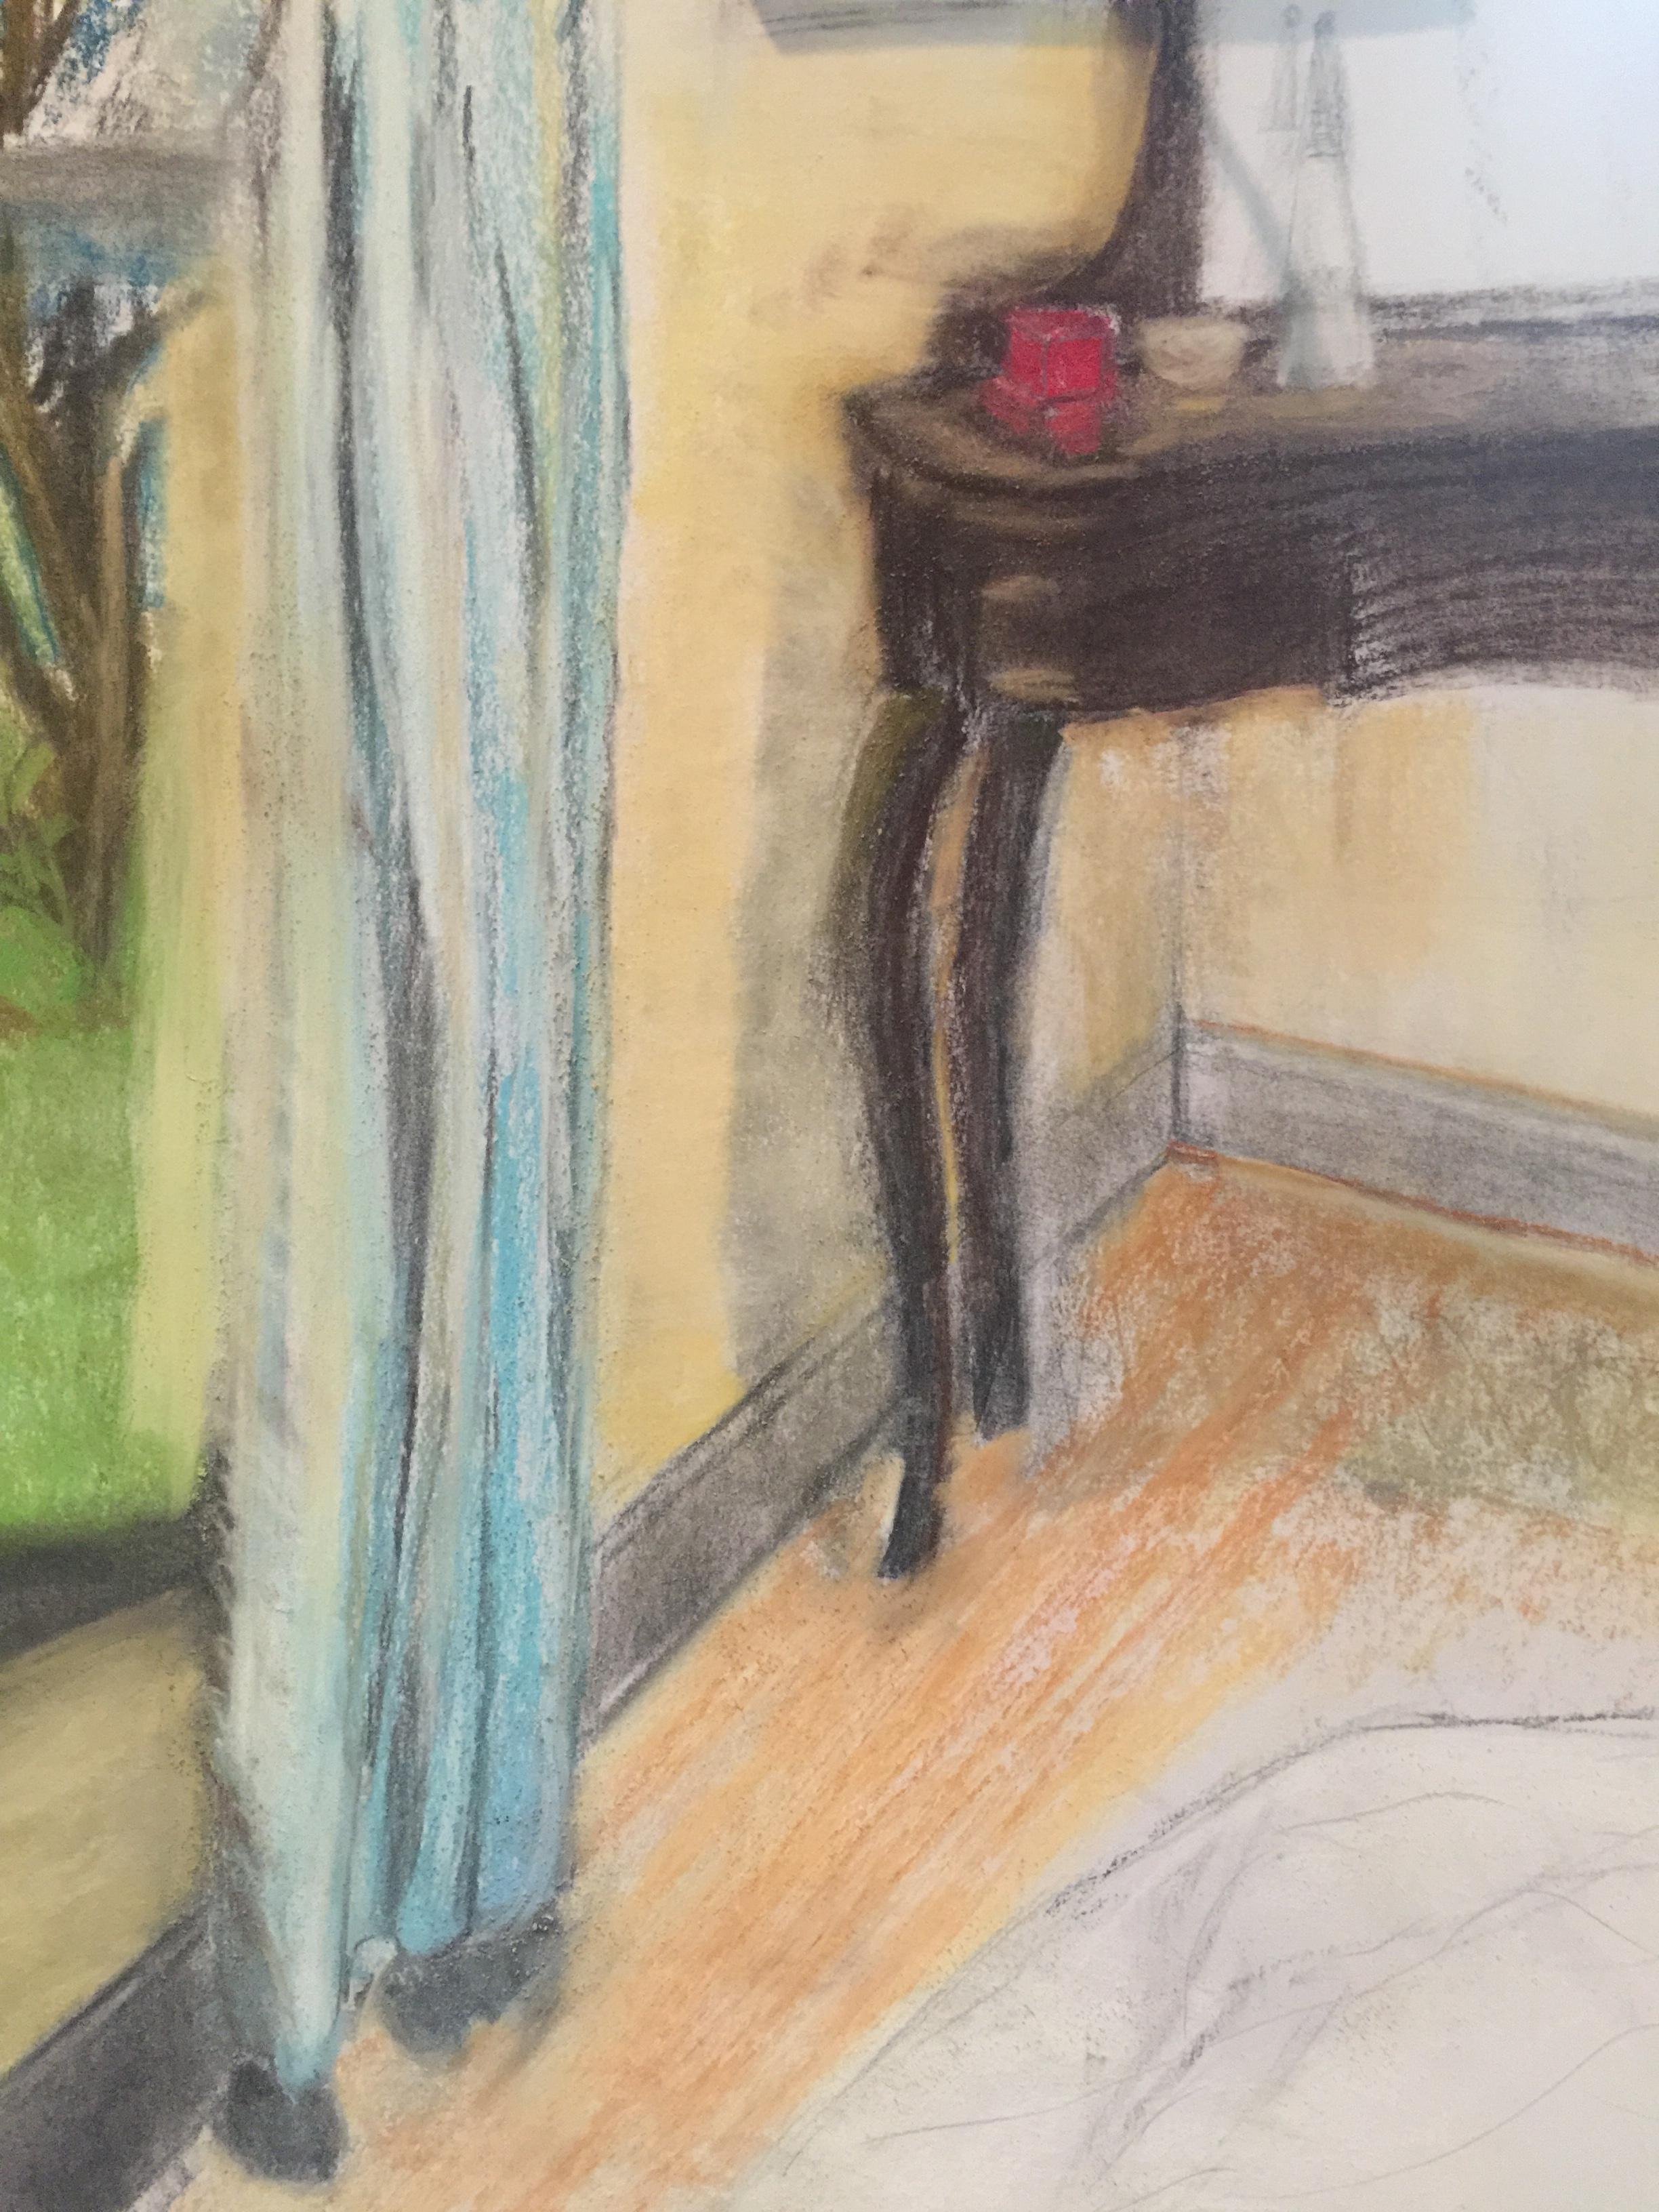 Corner view in bedroom